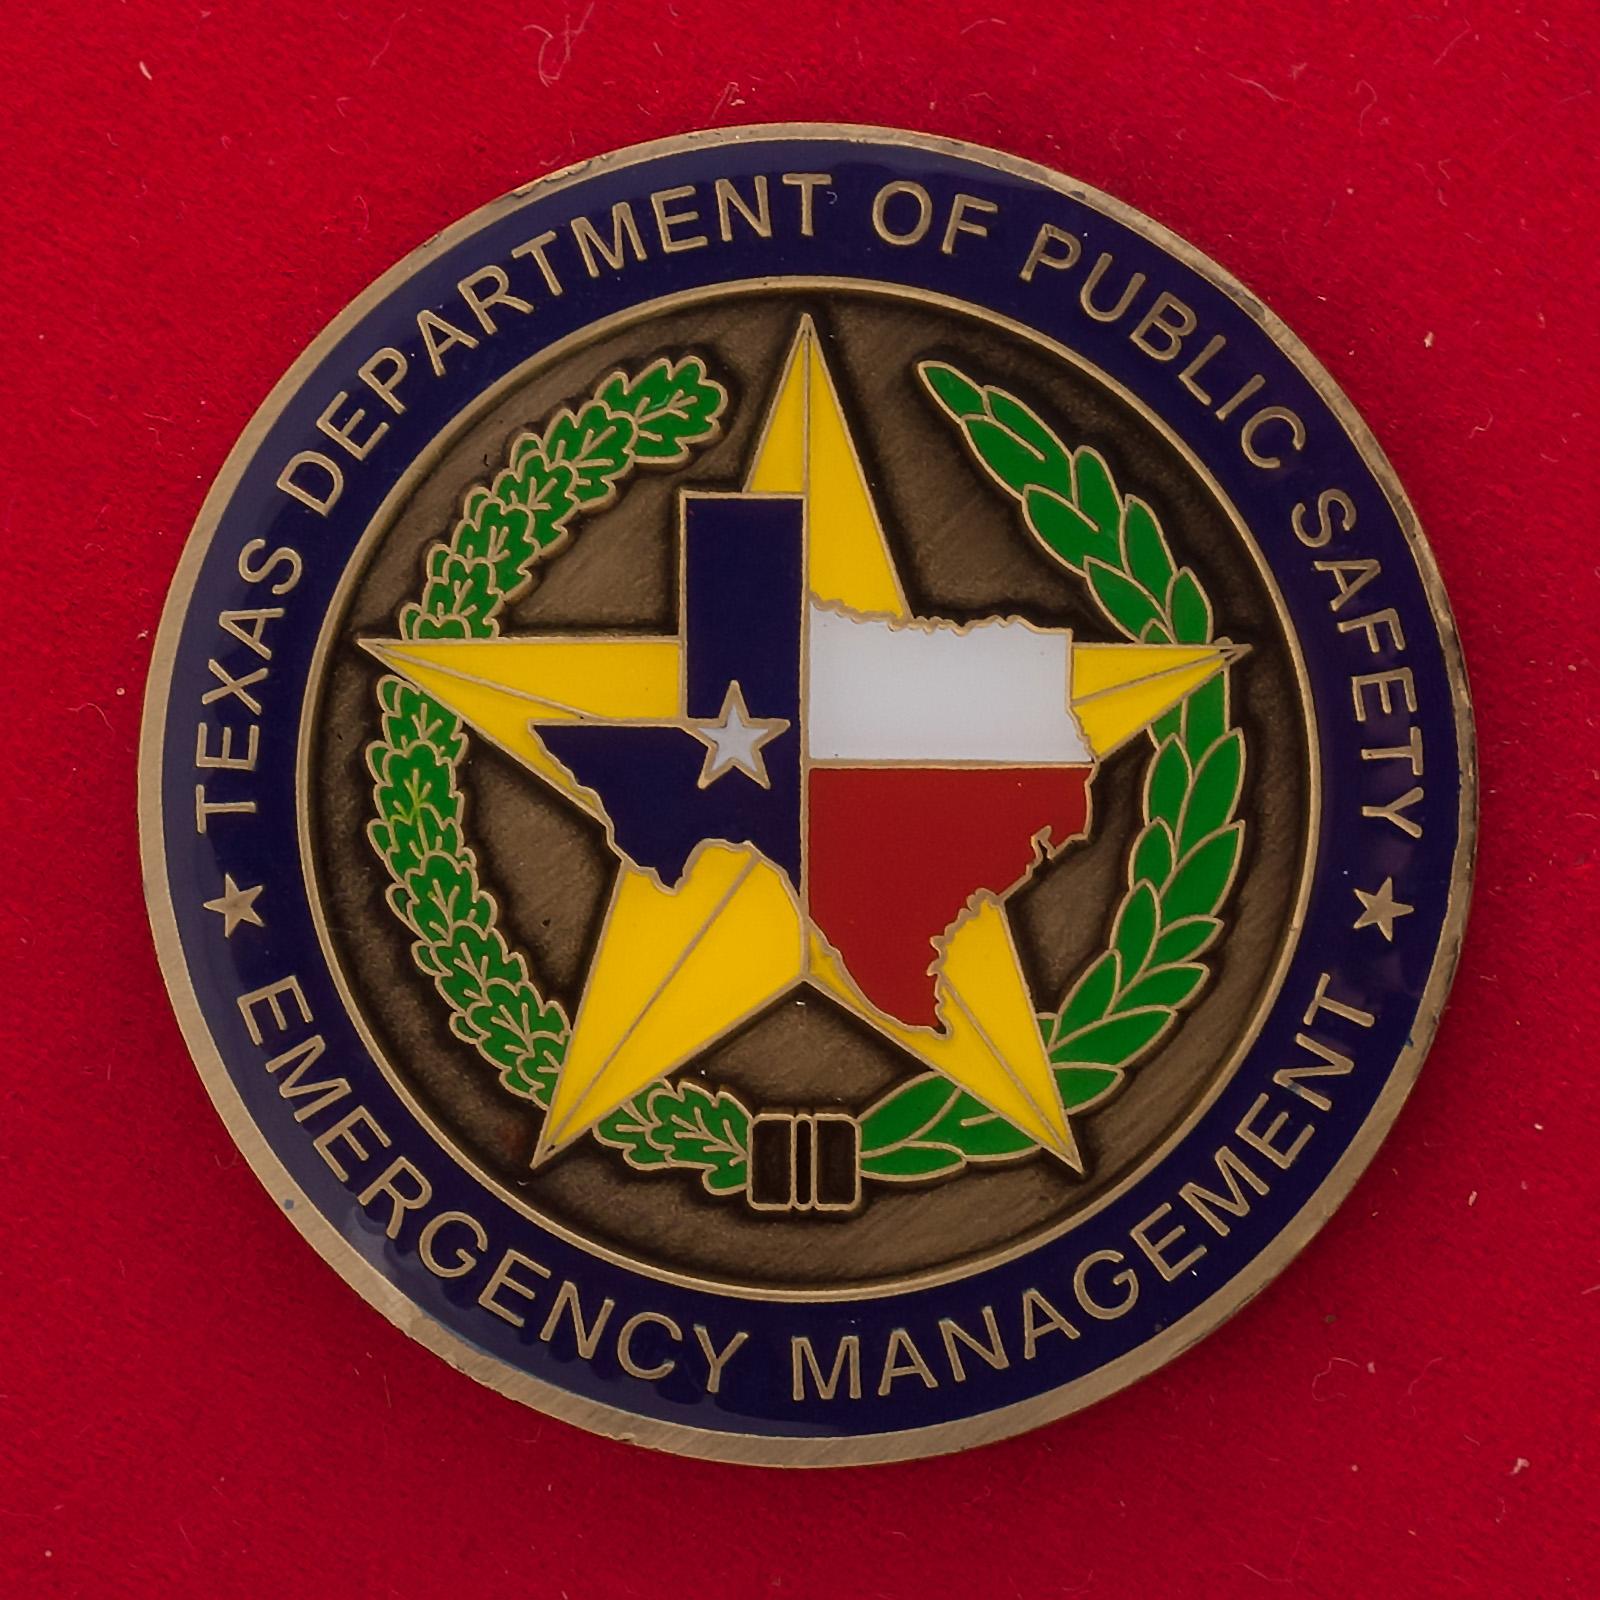 Челлендж коин Управления по чрезвычайным ситуациям Департамента общественной безопасности Техаса